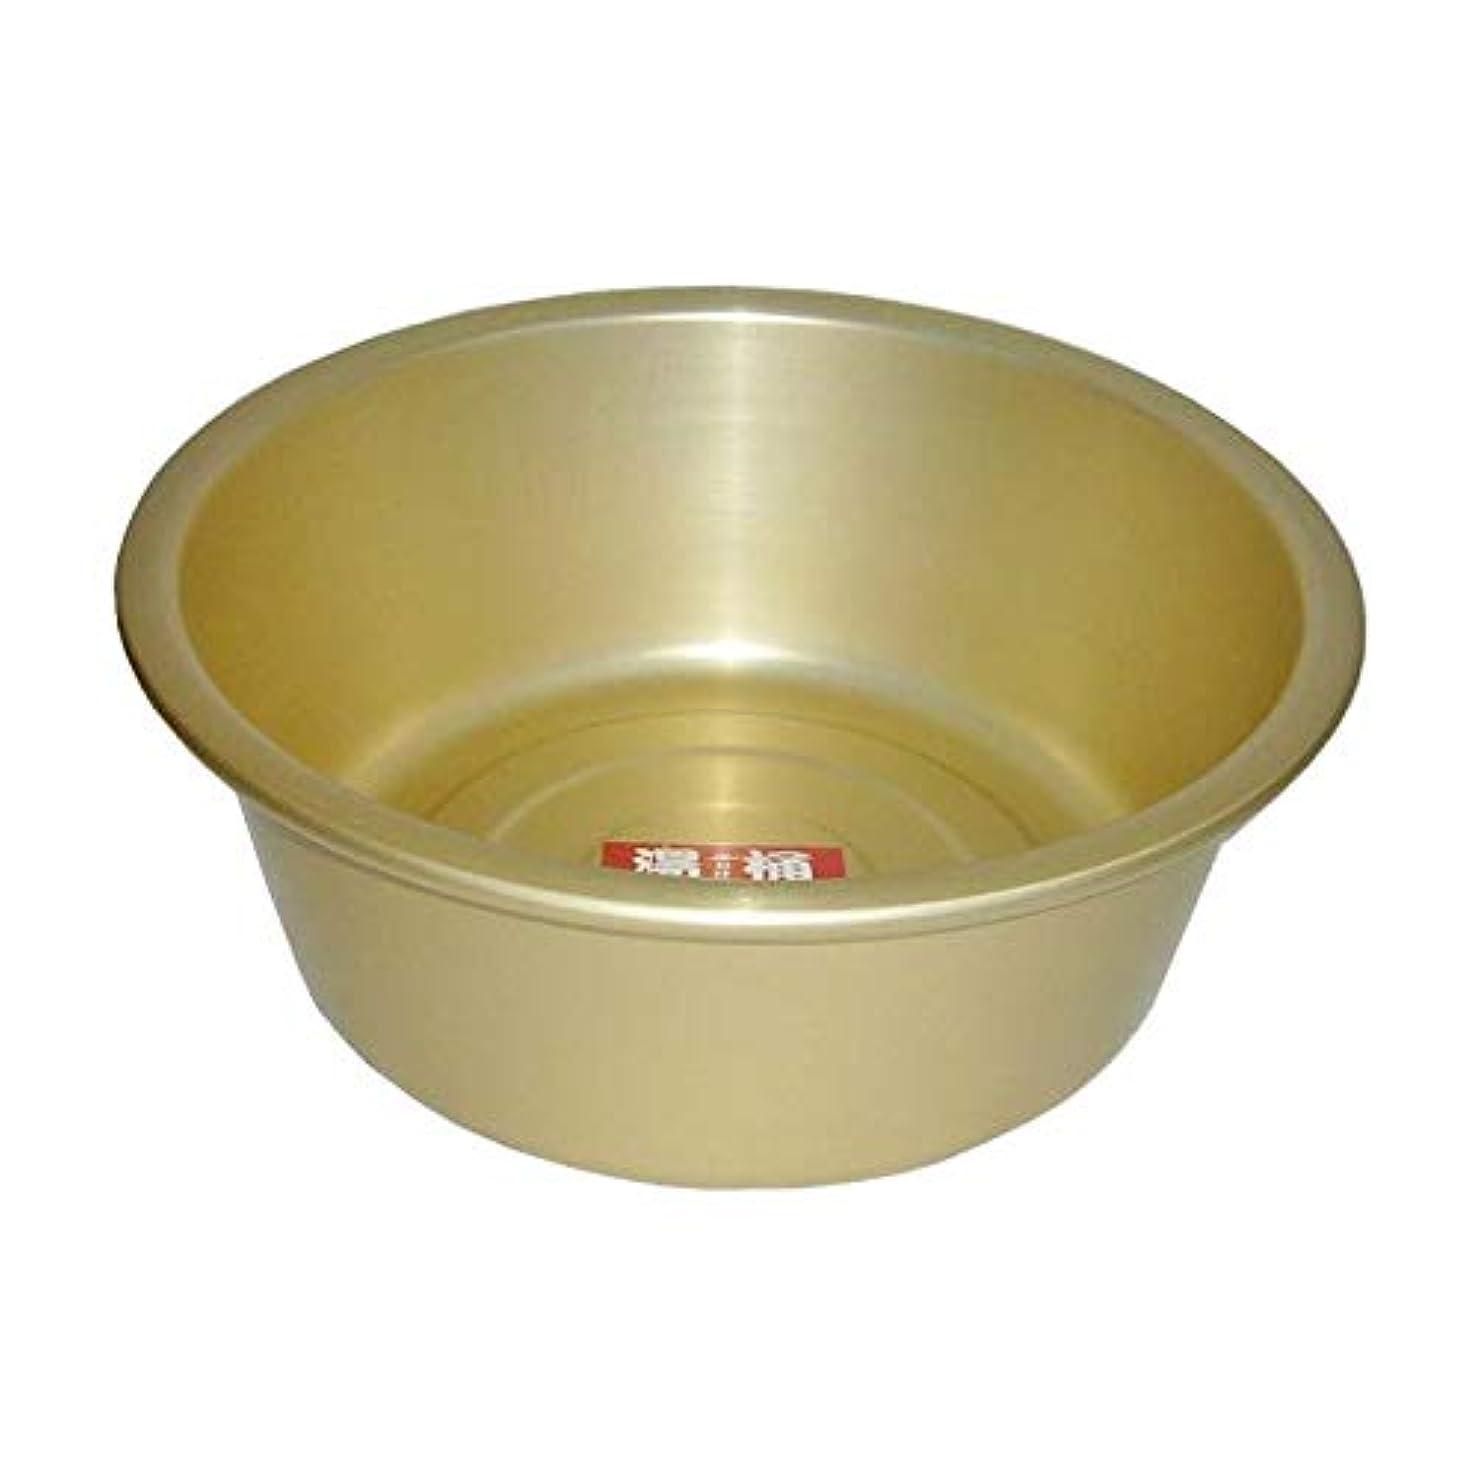 ご近所社会主義食事を調理する湯桶 22cm 前川金属工業所 アルミ製 風呂桶 金TD